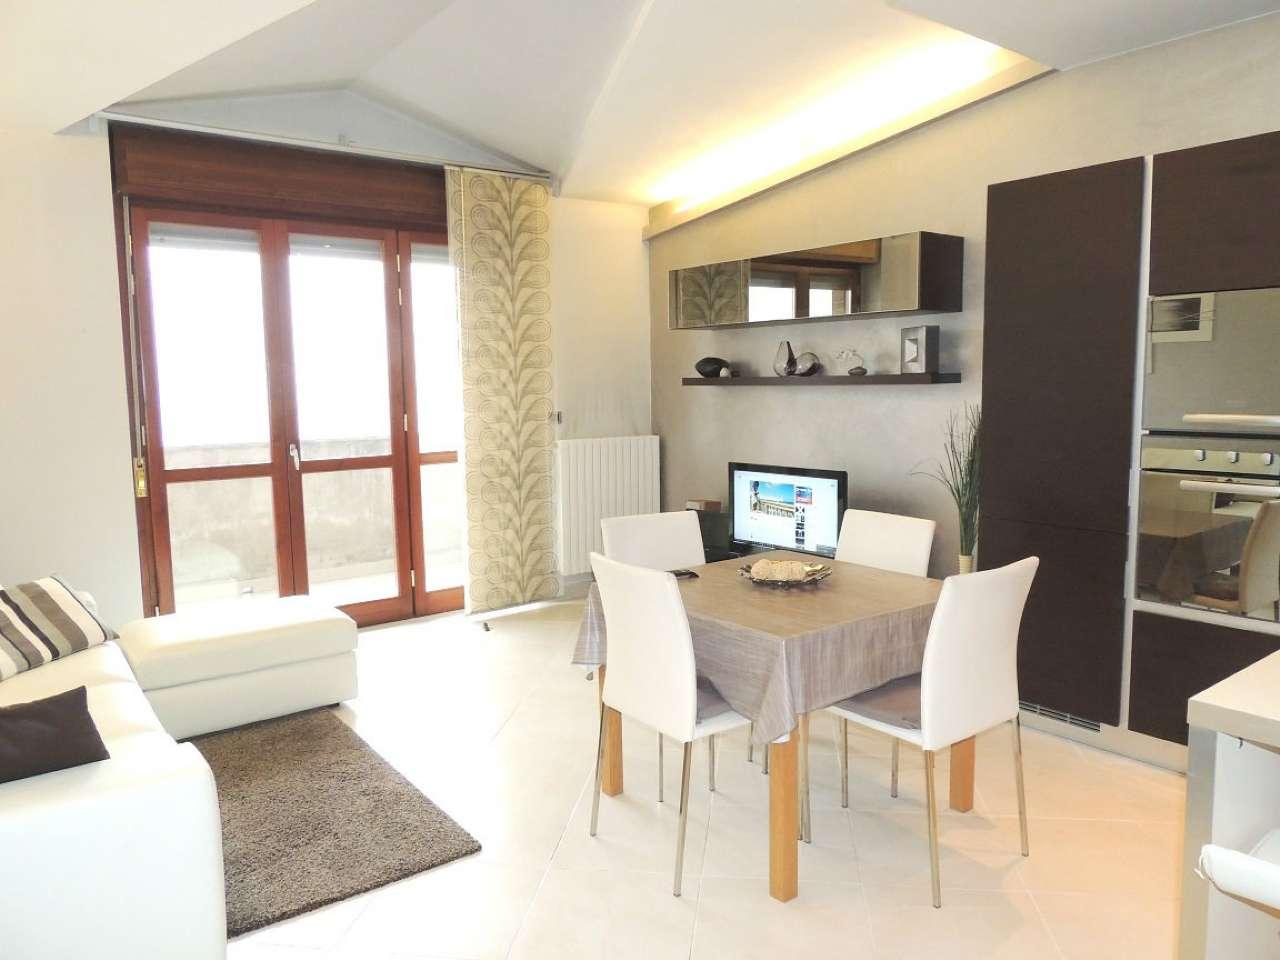 Appartamento in vendita a Collegno, 3 locali, prezzo € 215.000 | Cambio Casa.it